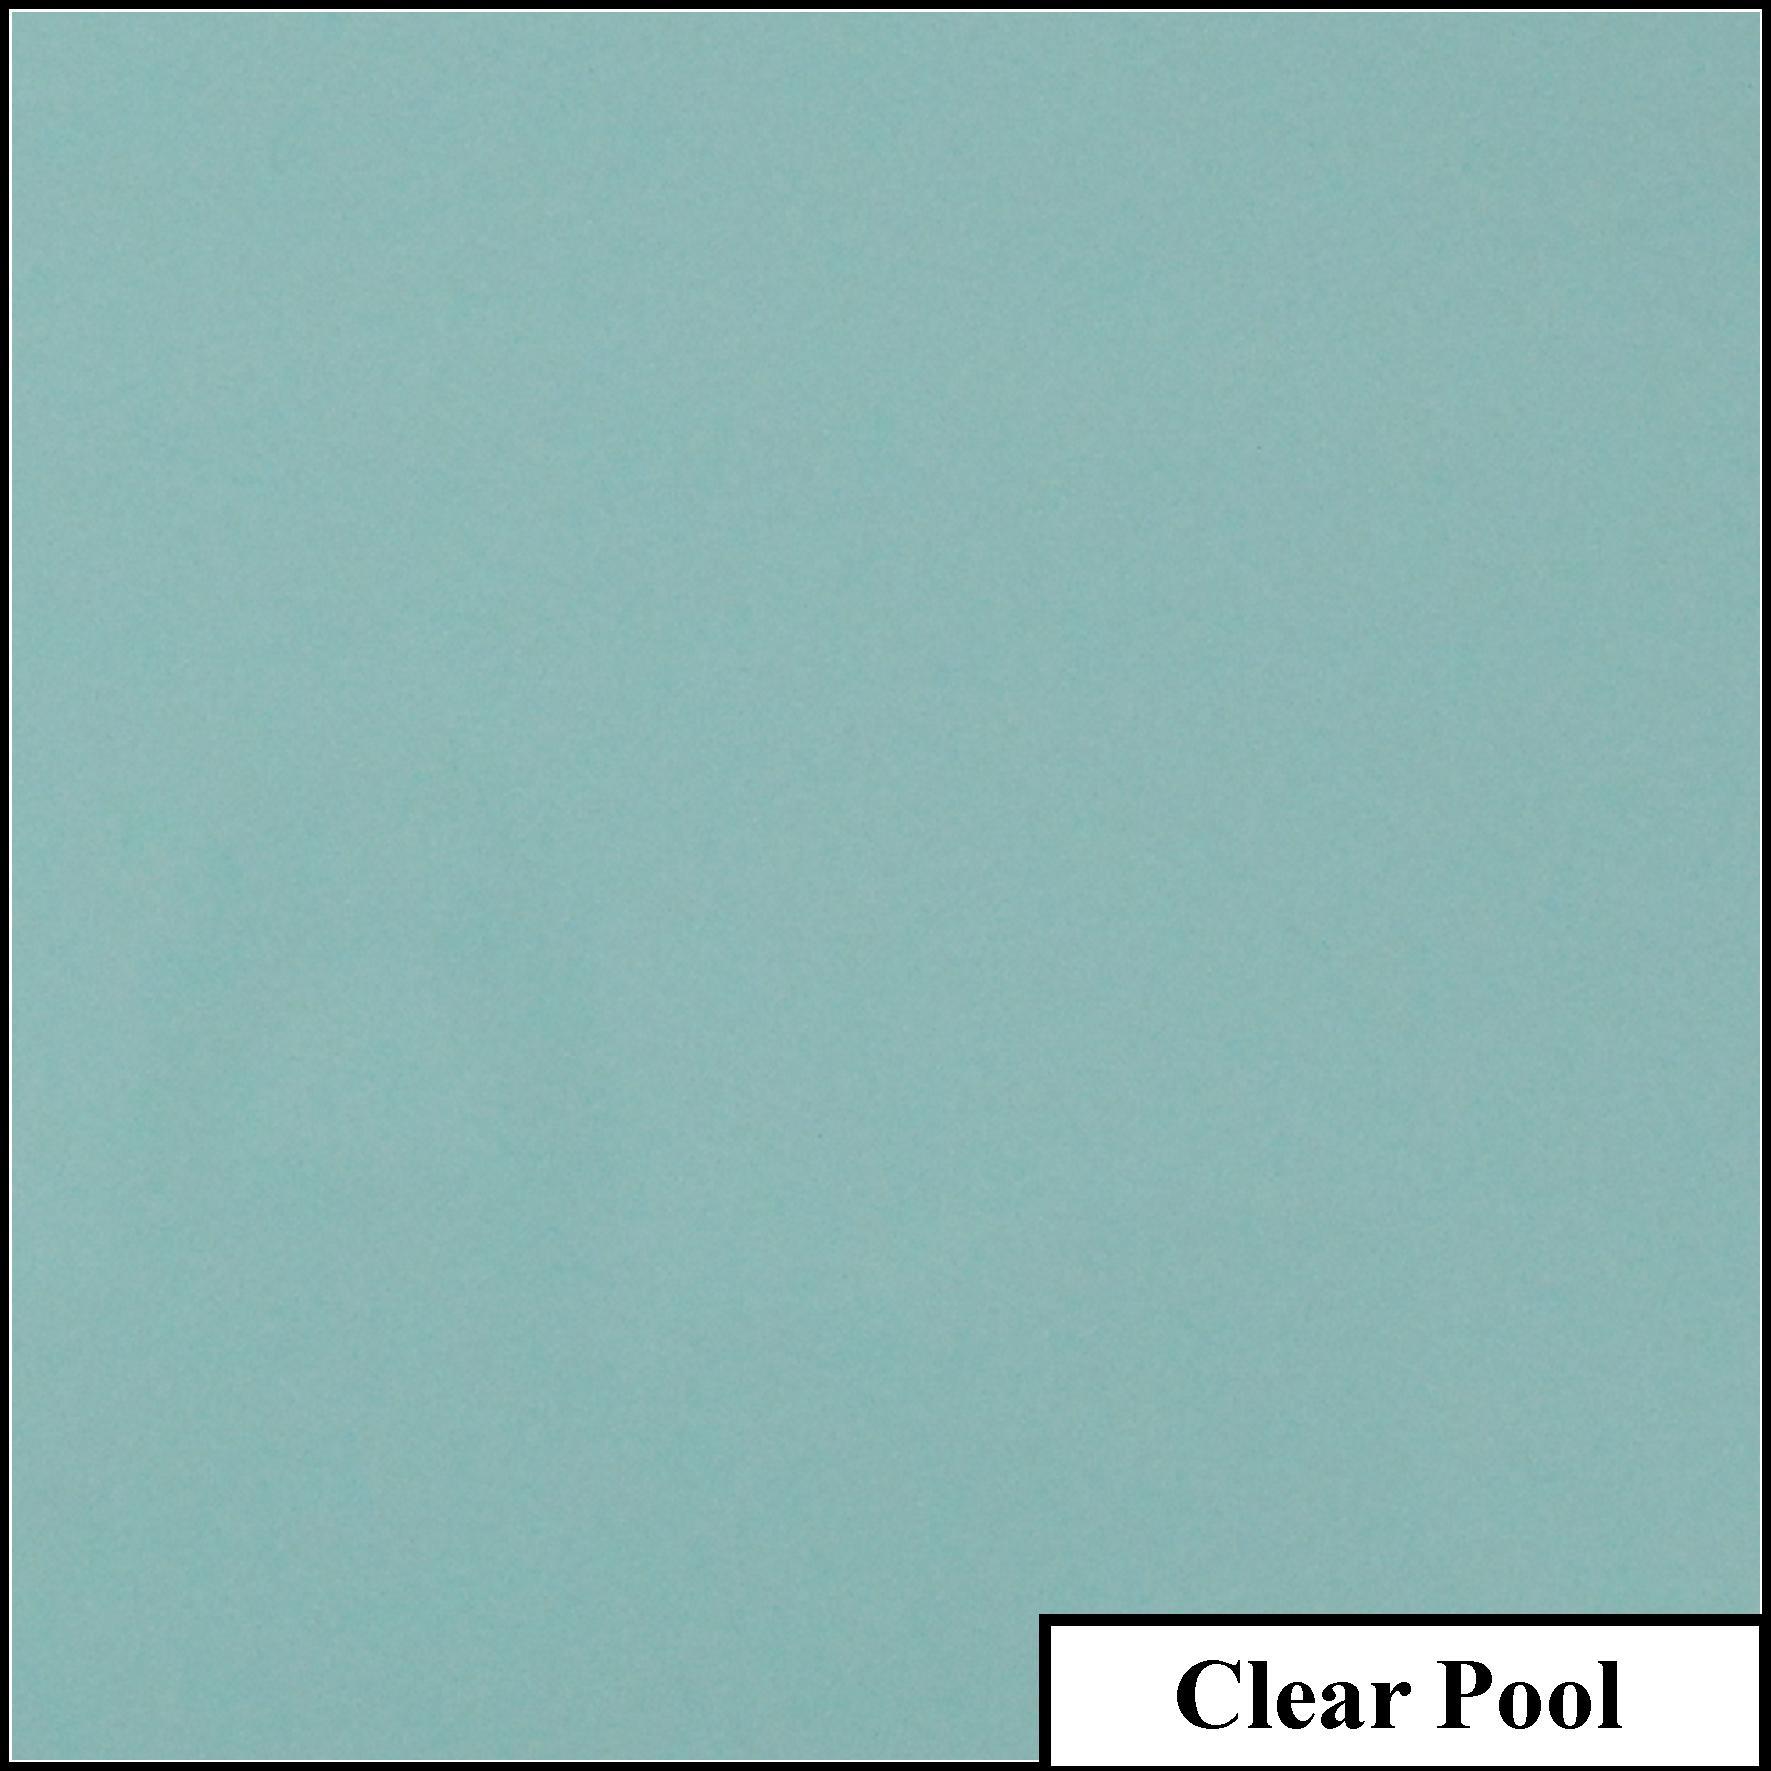 Clear Pool.jpg